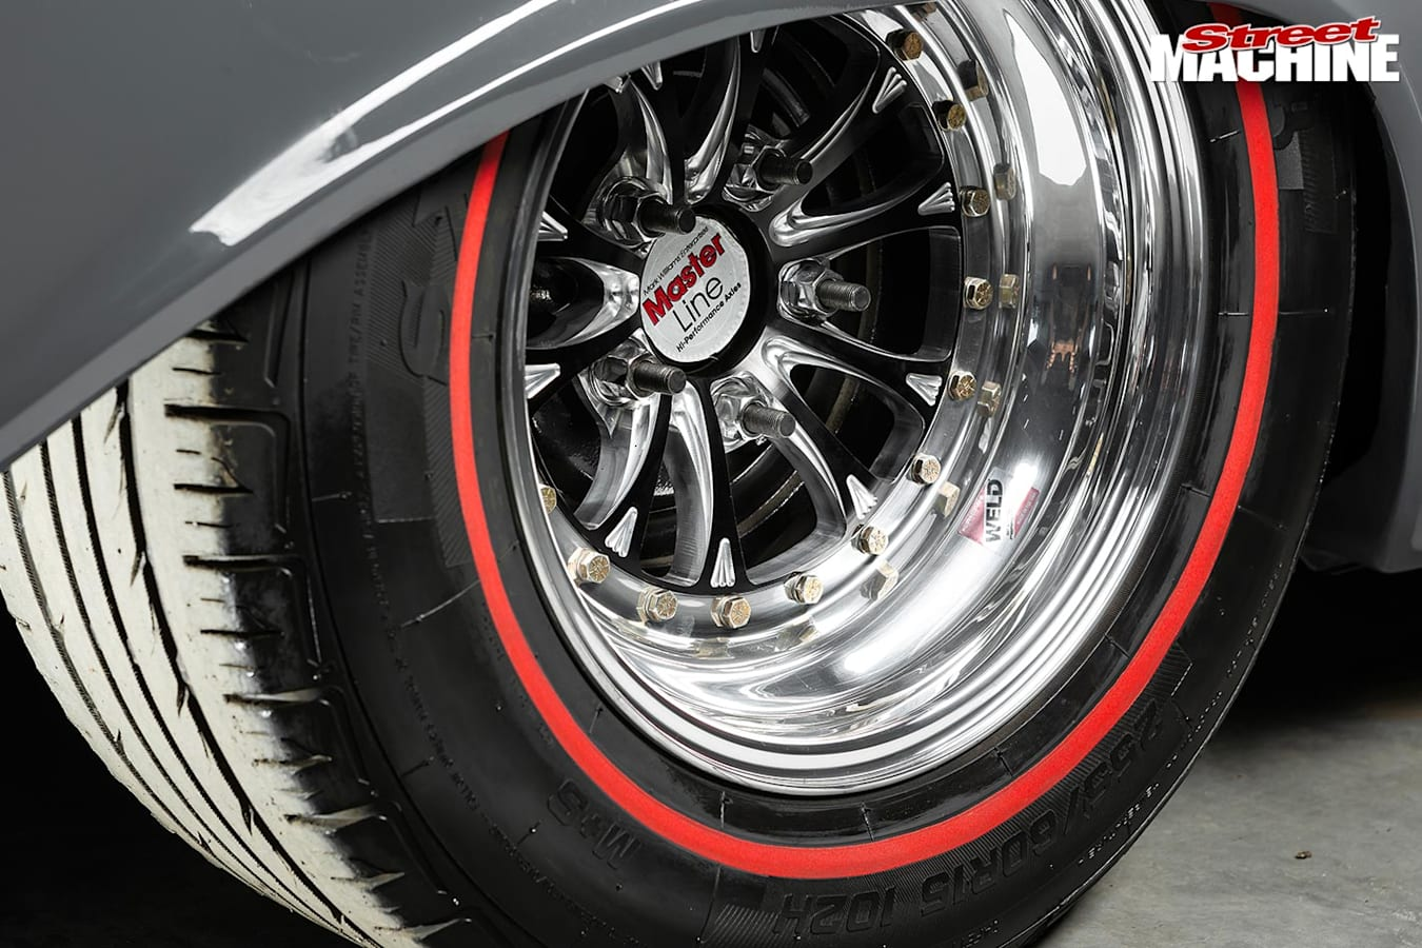 Holden EH wheel